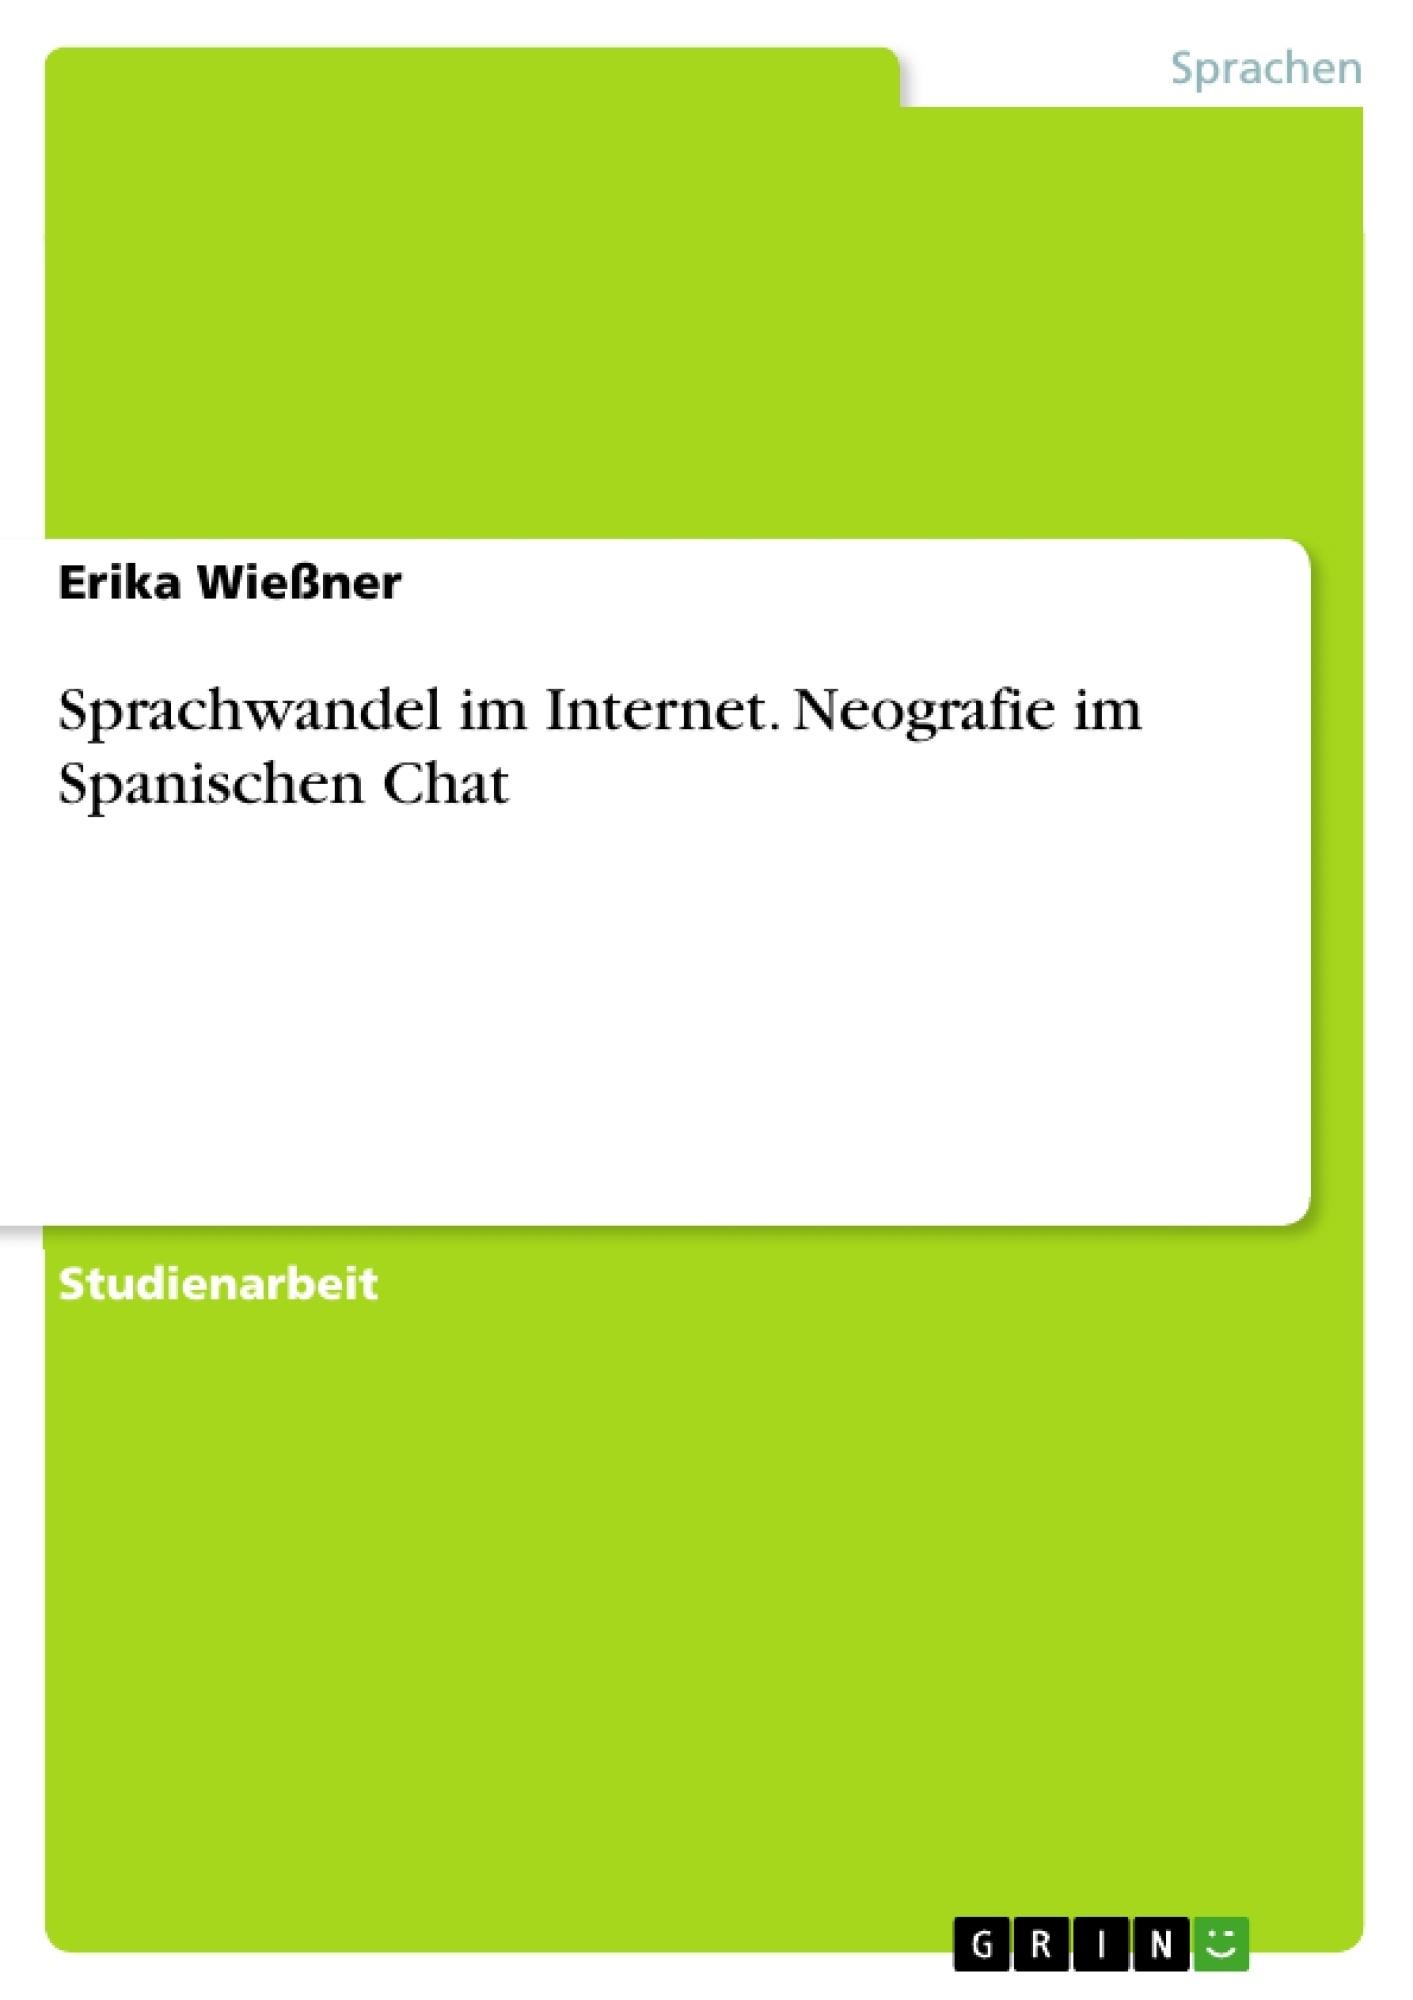 Titel: Sprachwandel im Internet. Neografie im Spanischen Chat